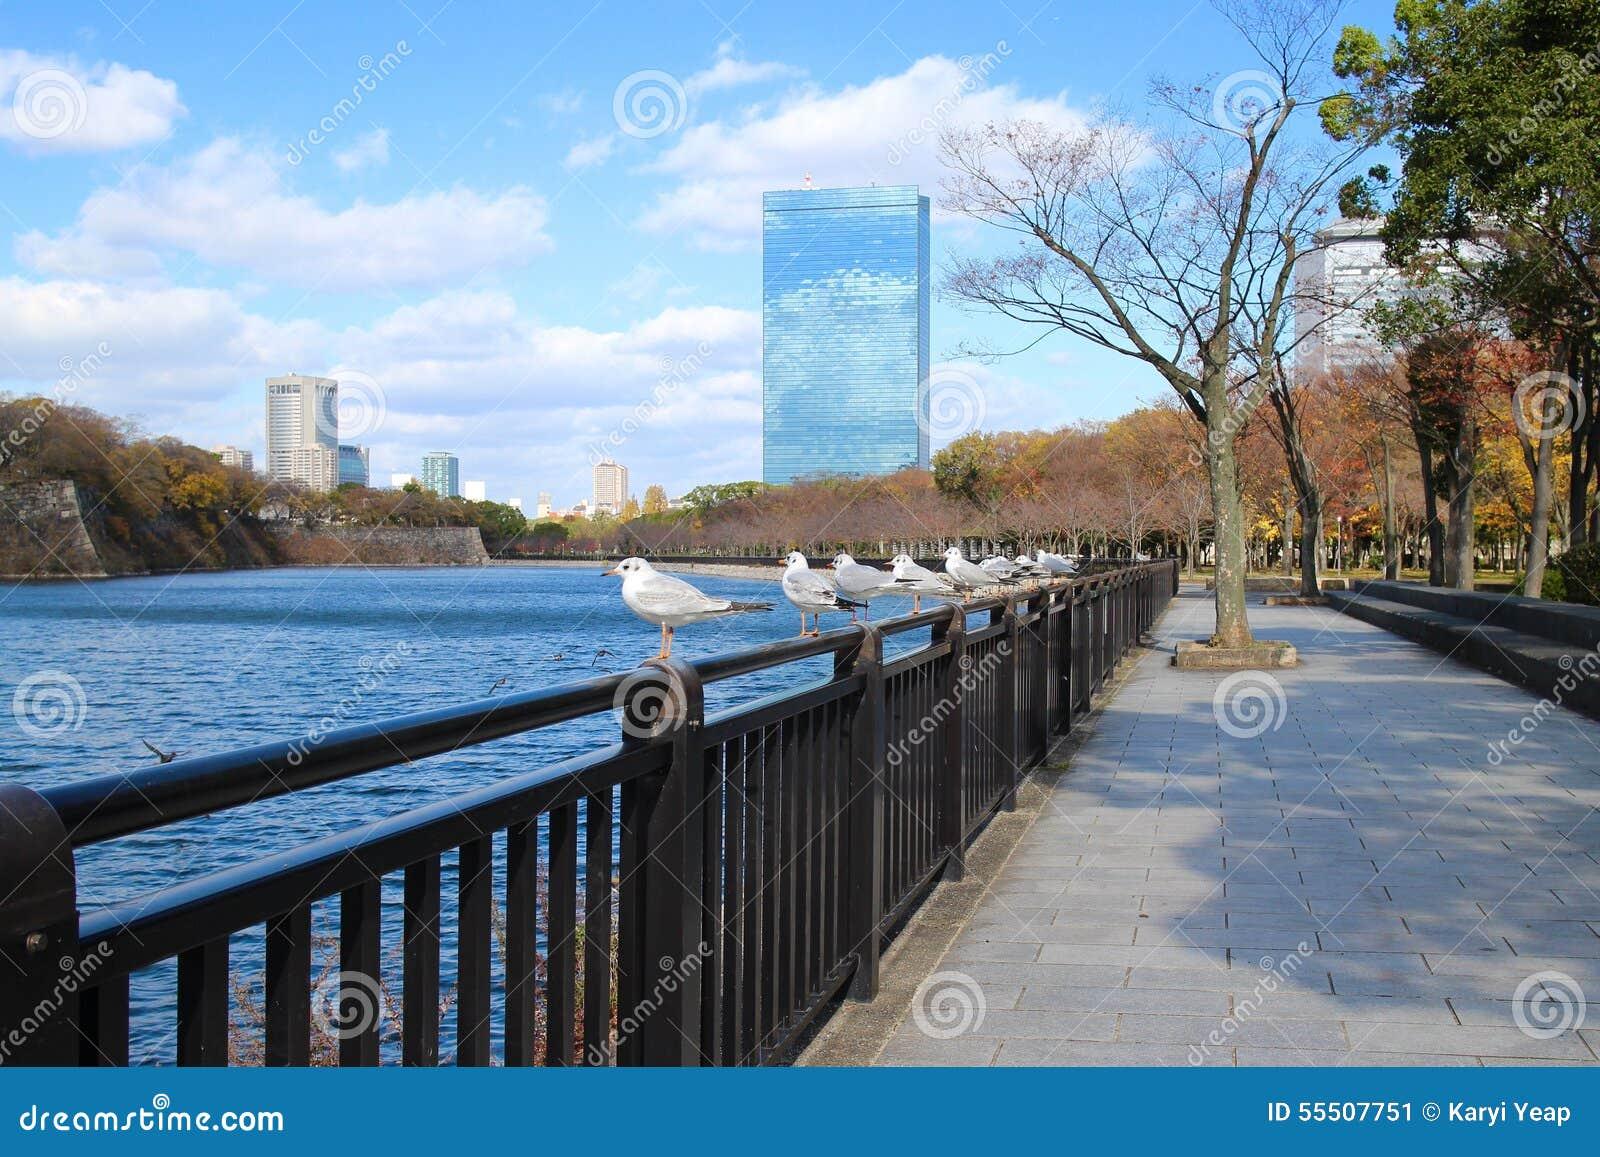 Seagulls Japan Osaka Castle Stock Image Image Of Lake Blue 55507751